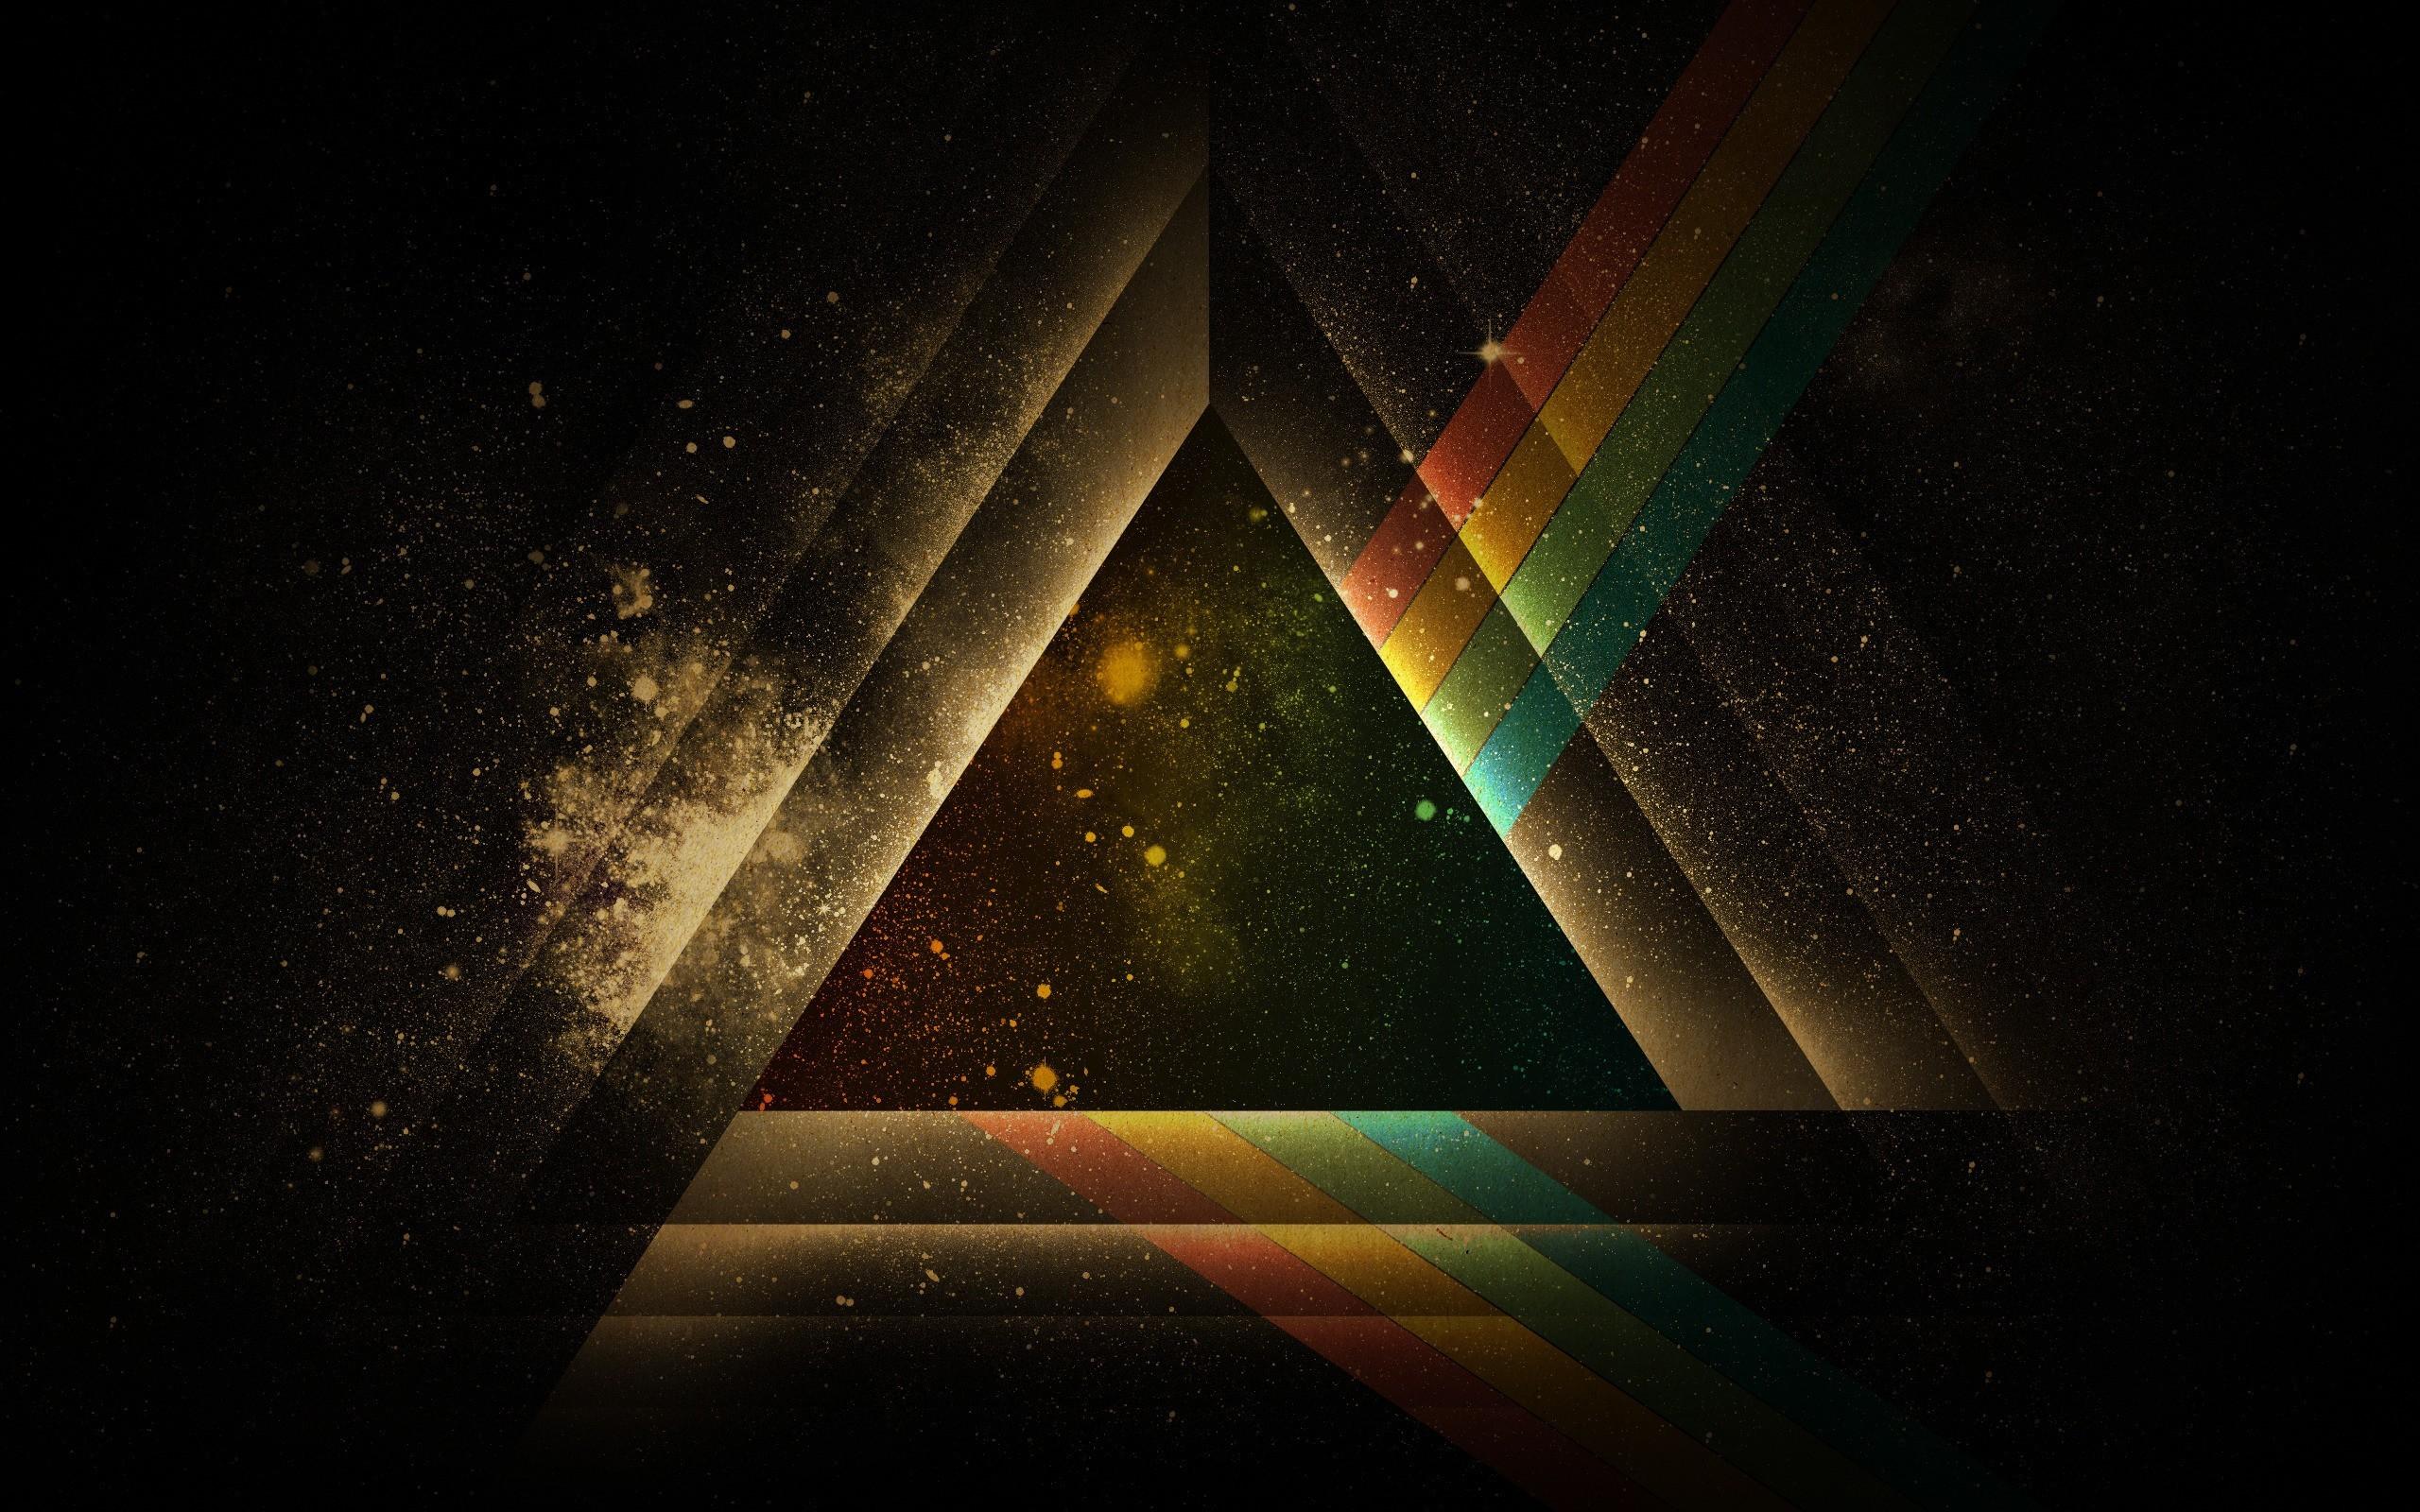 Wallpaper Sunlight Digital Art Night Abstract